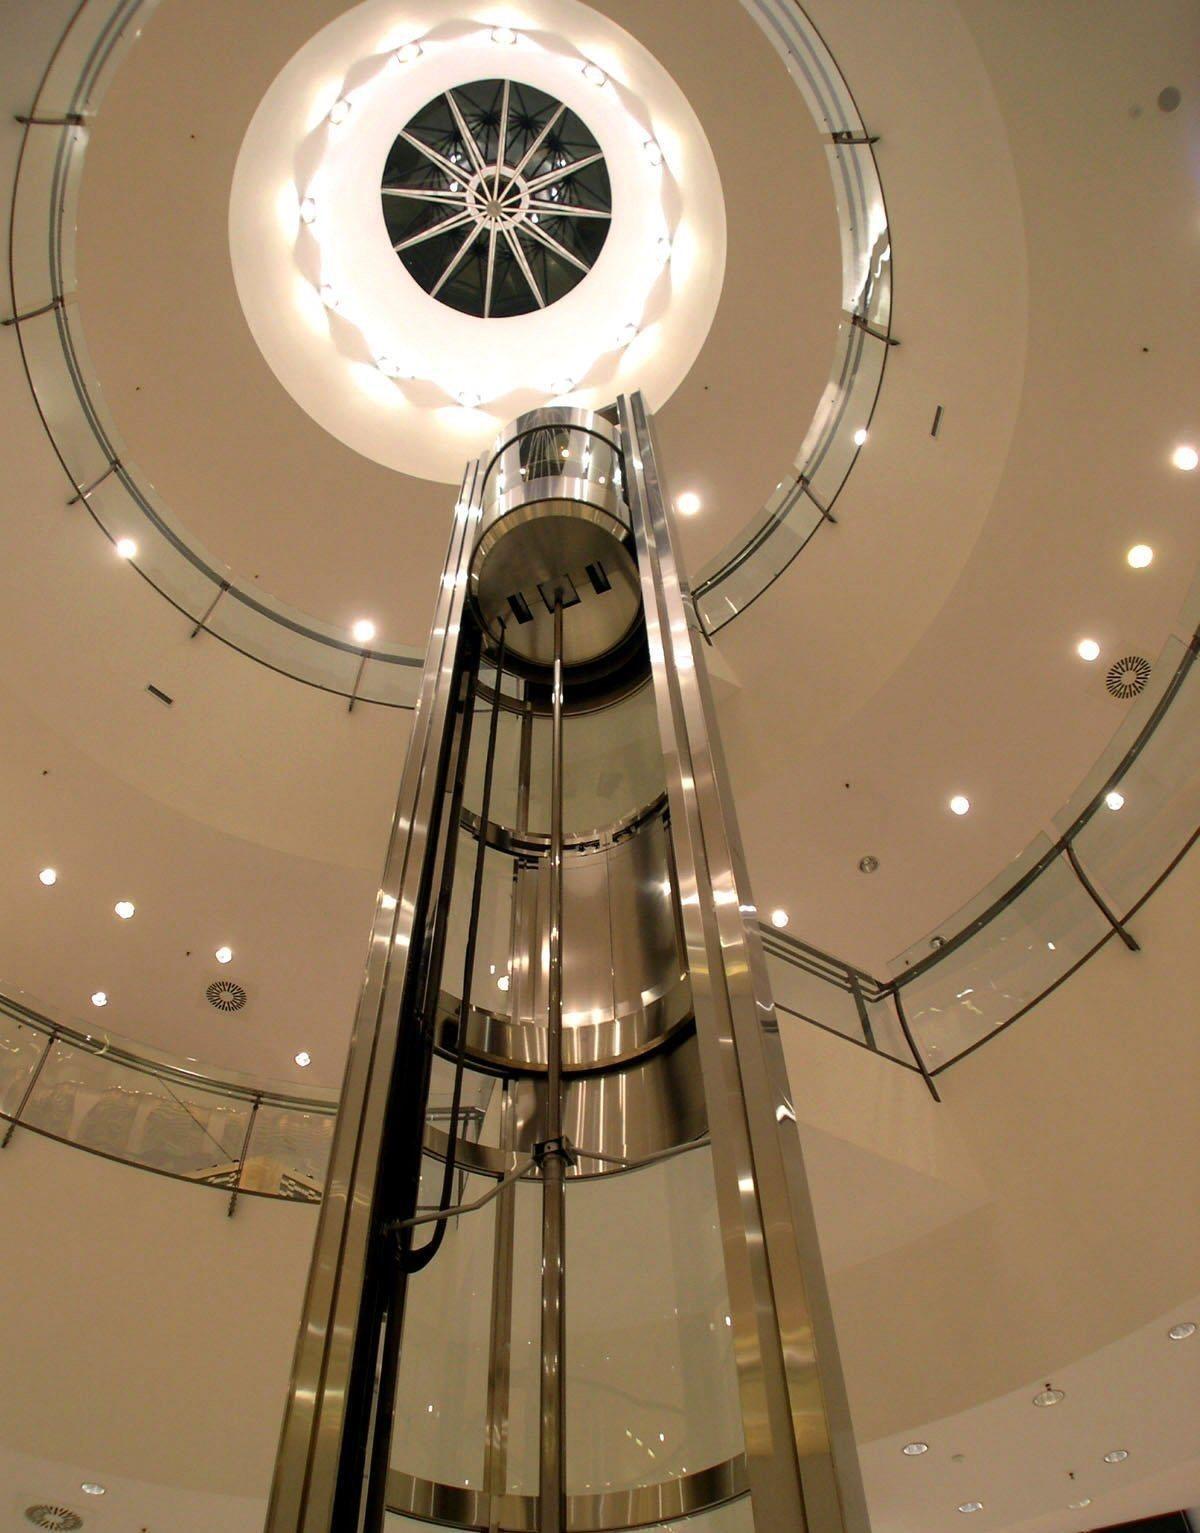 Era ascensori ascensori panoramici for Dimensioni ascensore